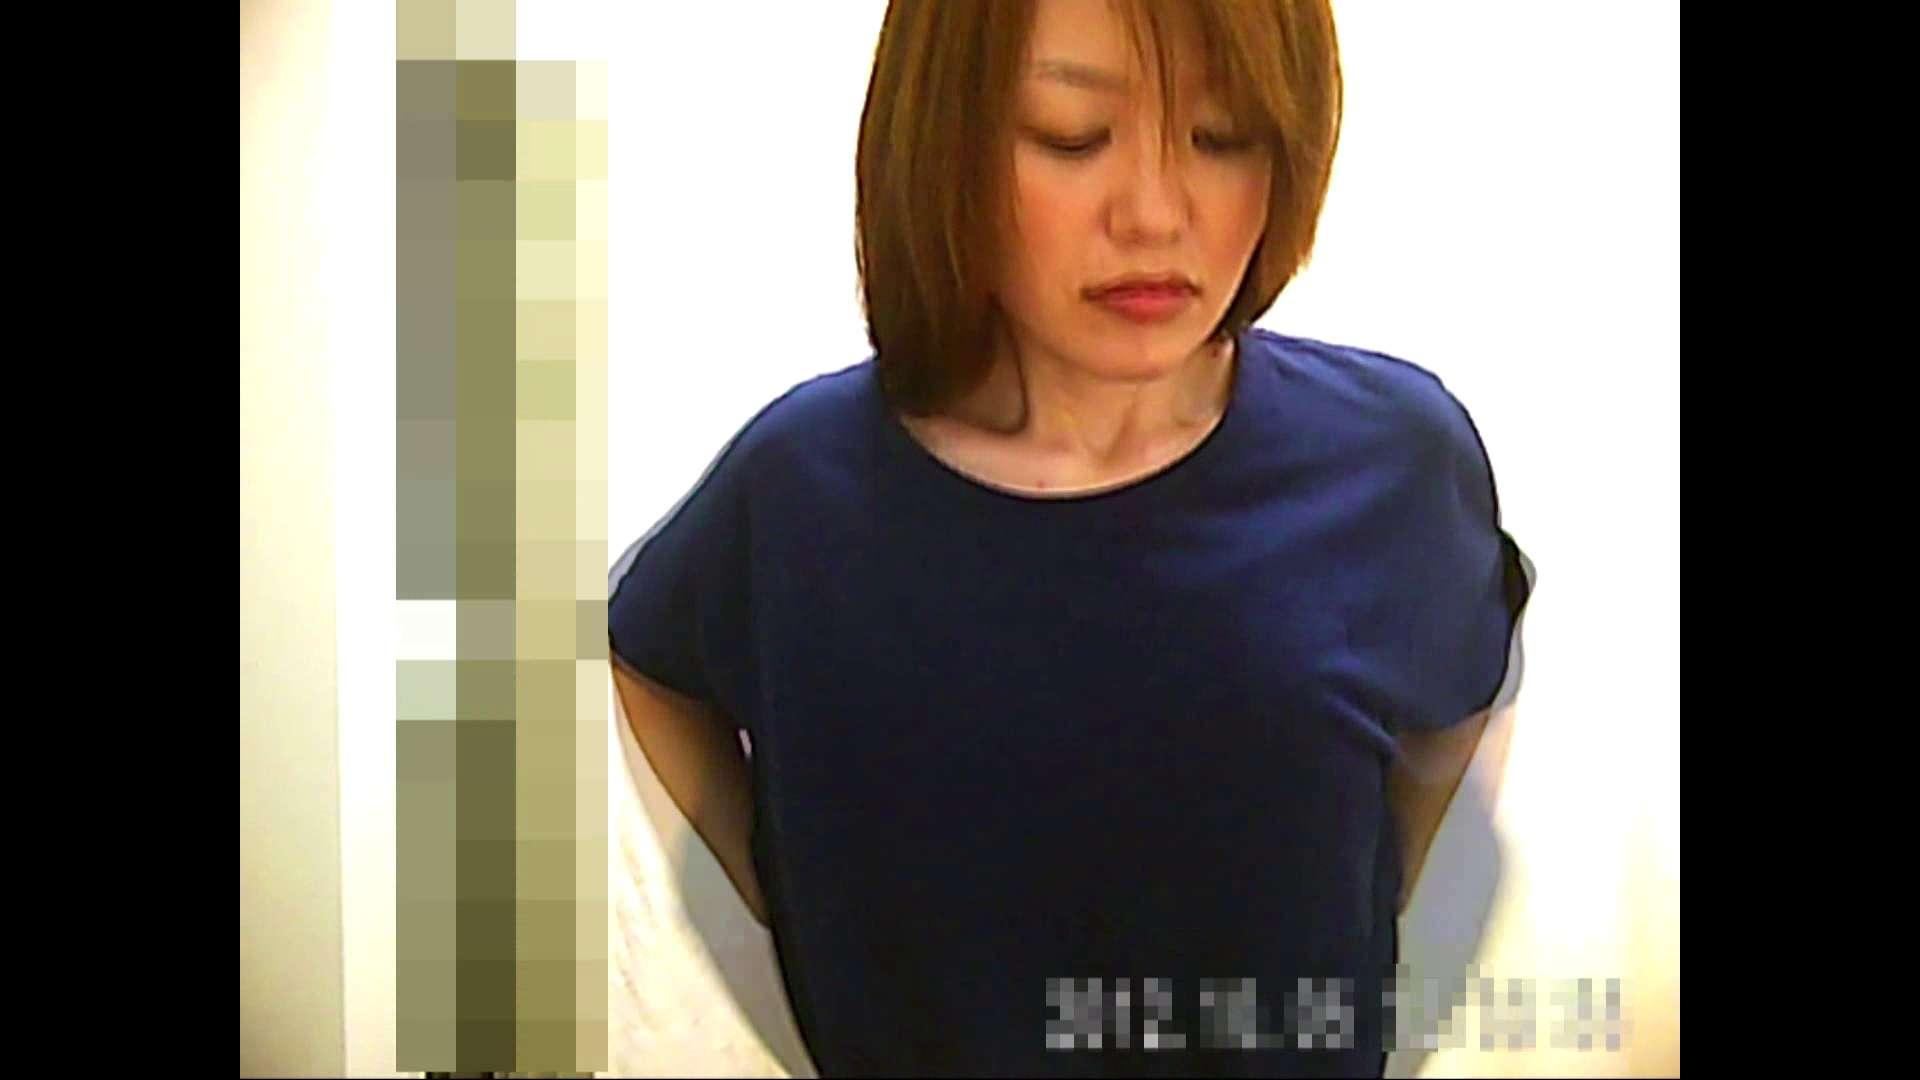 元医者による反抗 更衣室地獄絵巻 vol.066 エッチなお姉さん セックス画像 79画像 20